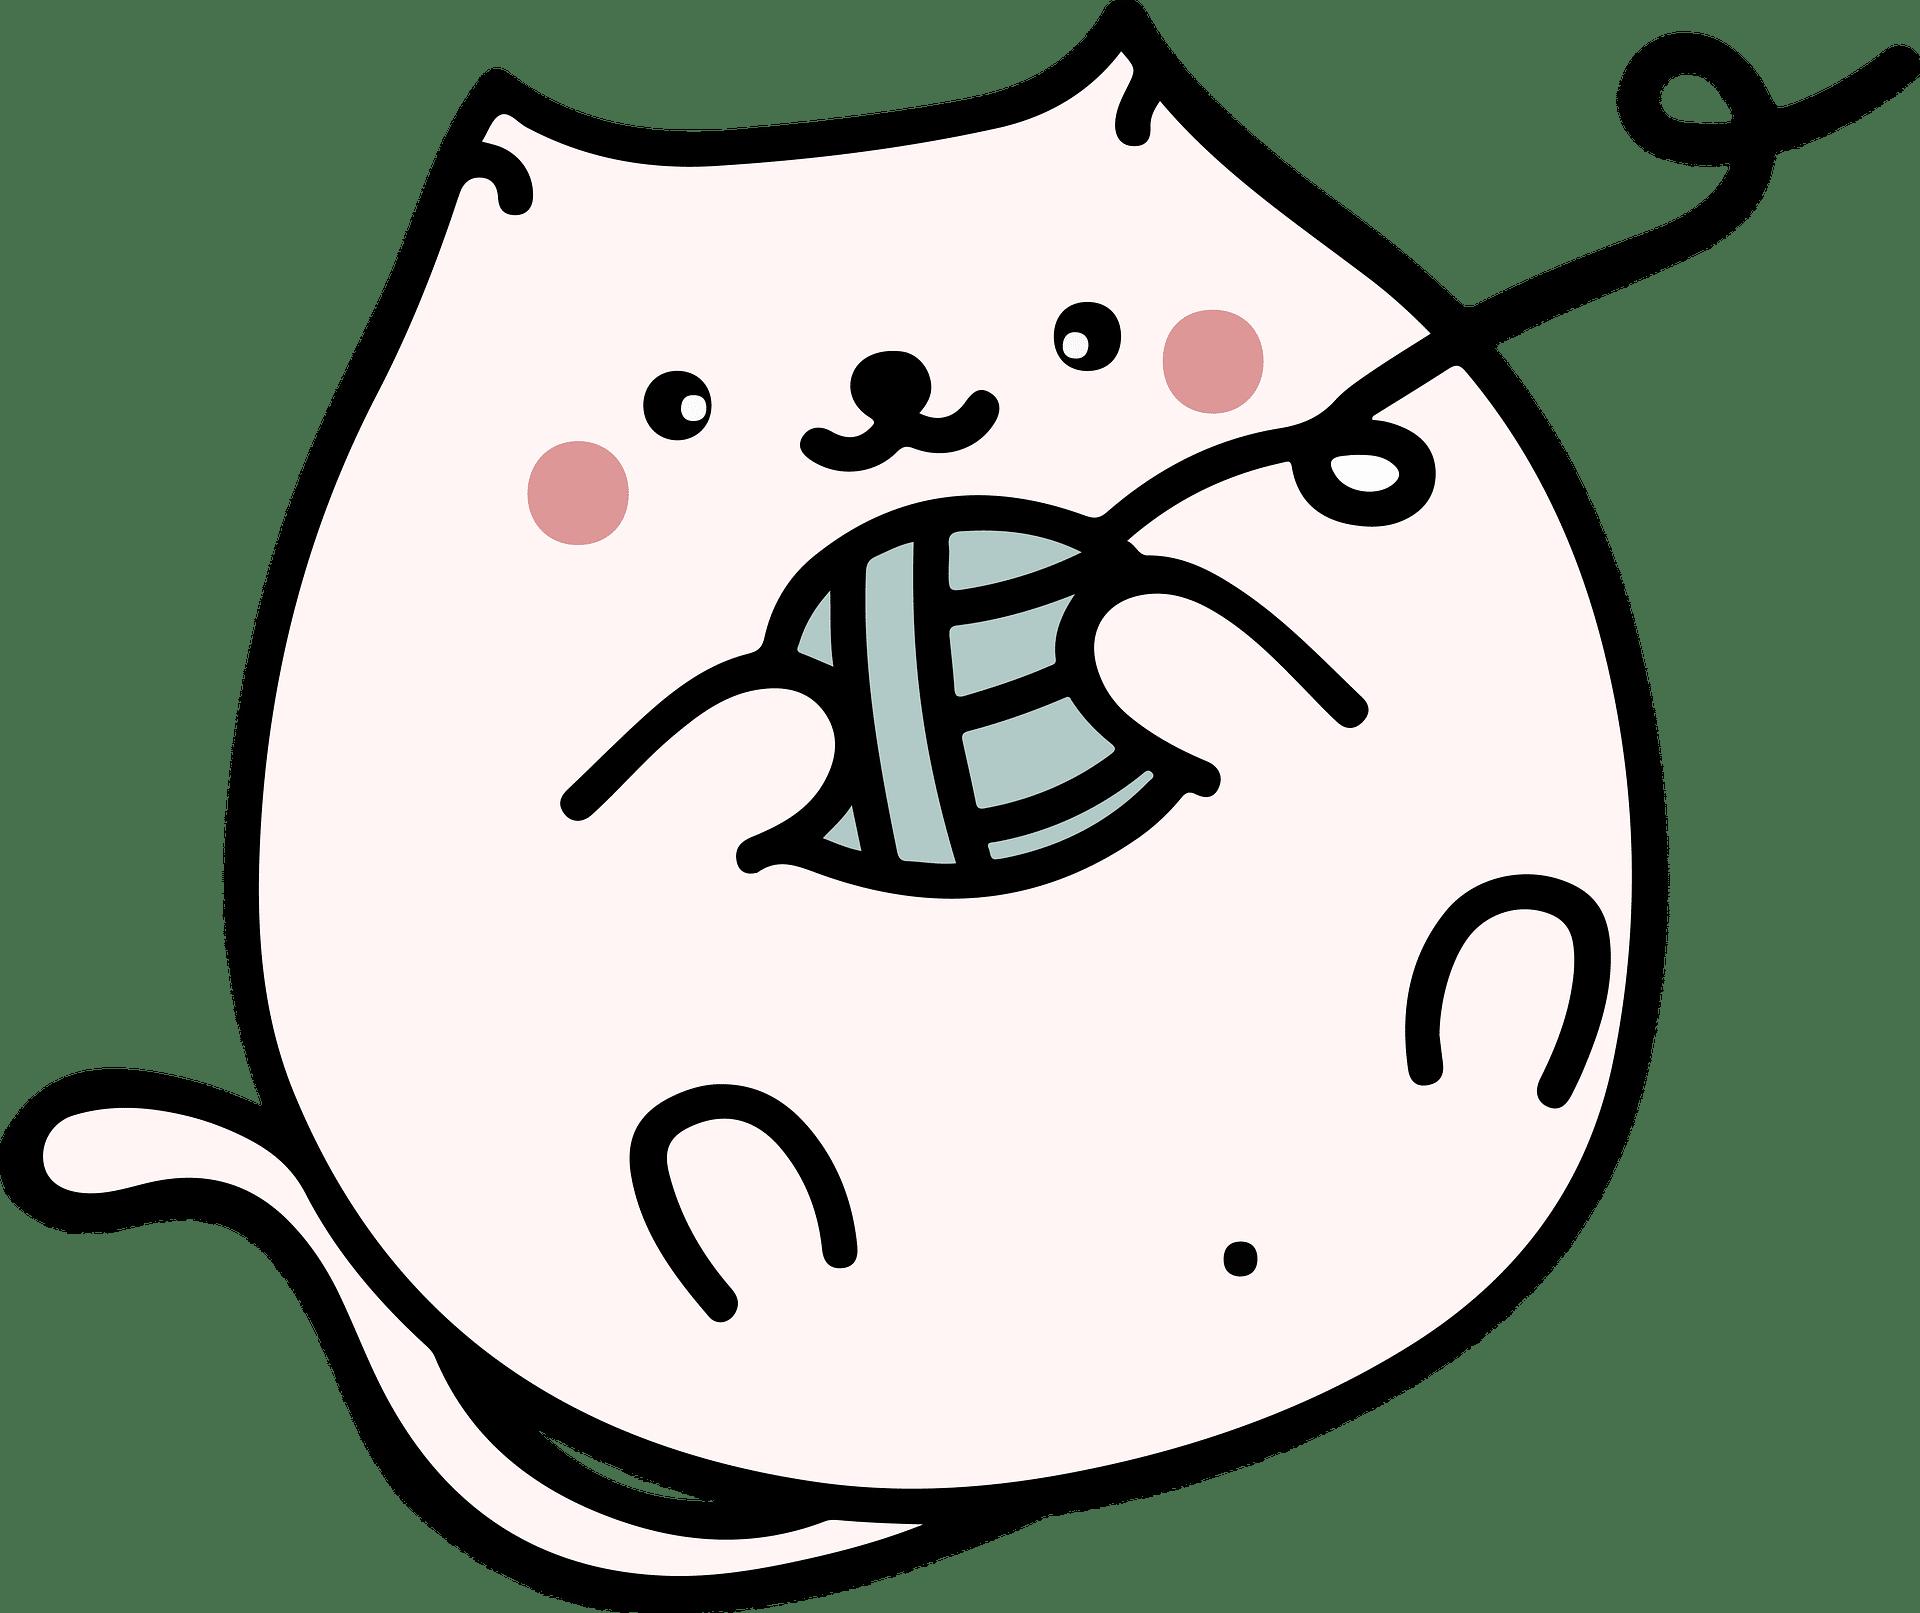 Sketch of Cute Fat Cat